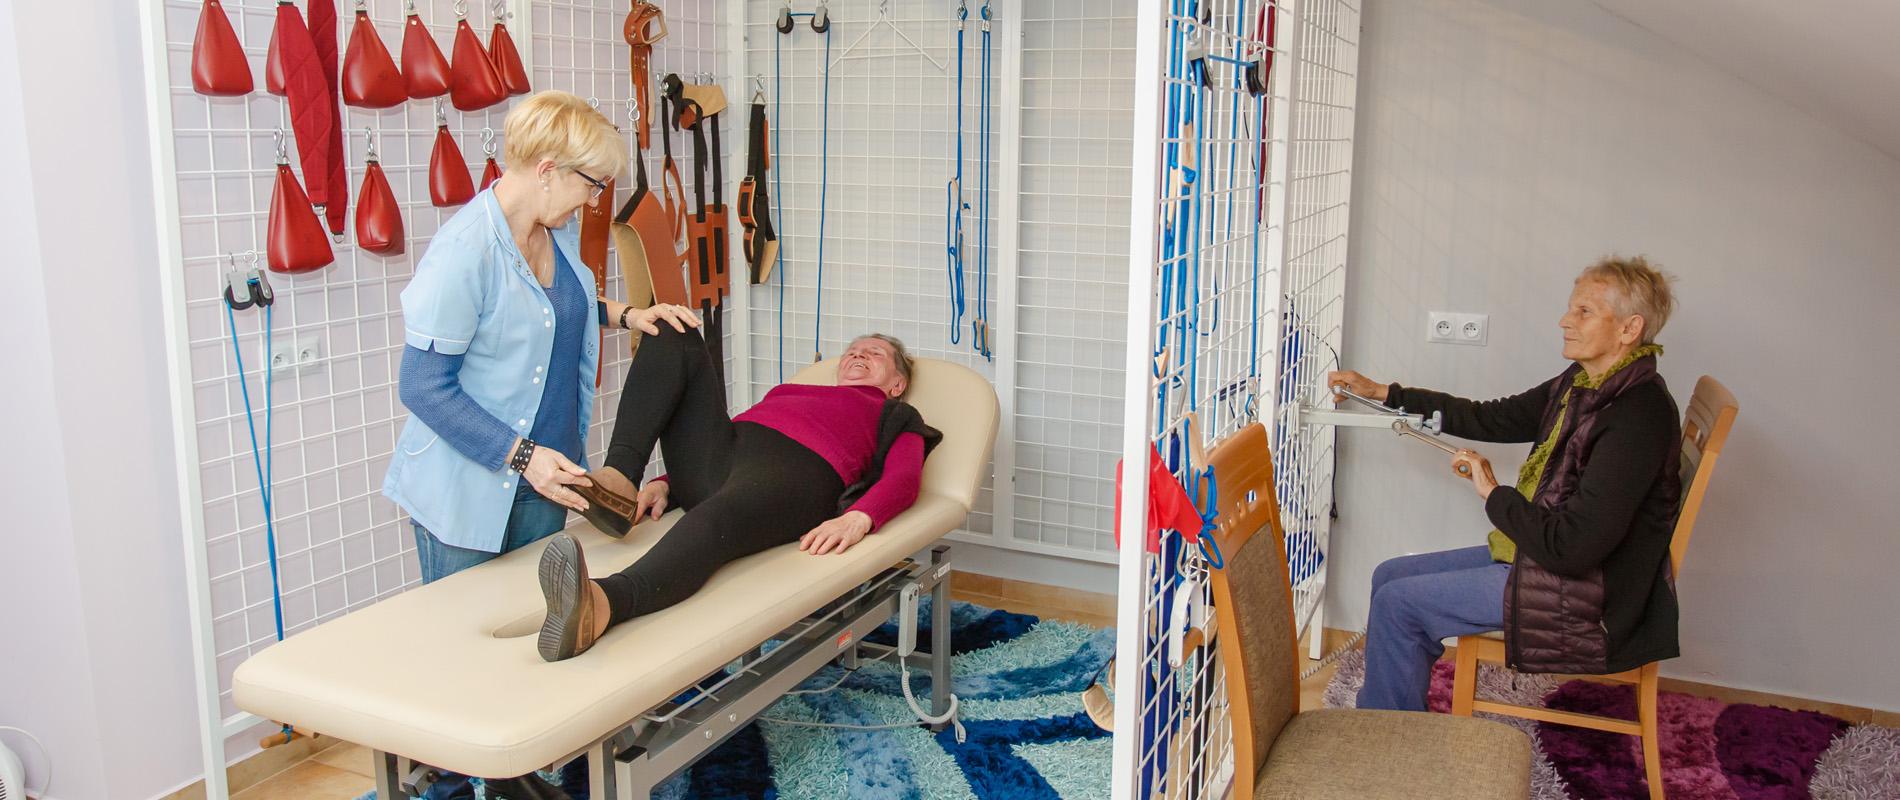 palac_seniora-slajd-rehabilitacja-zabiegi-dla-osob-starszych